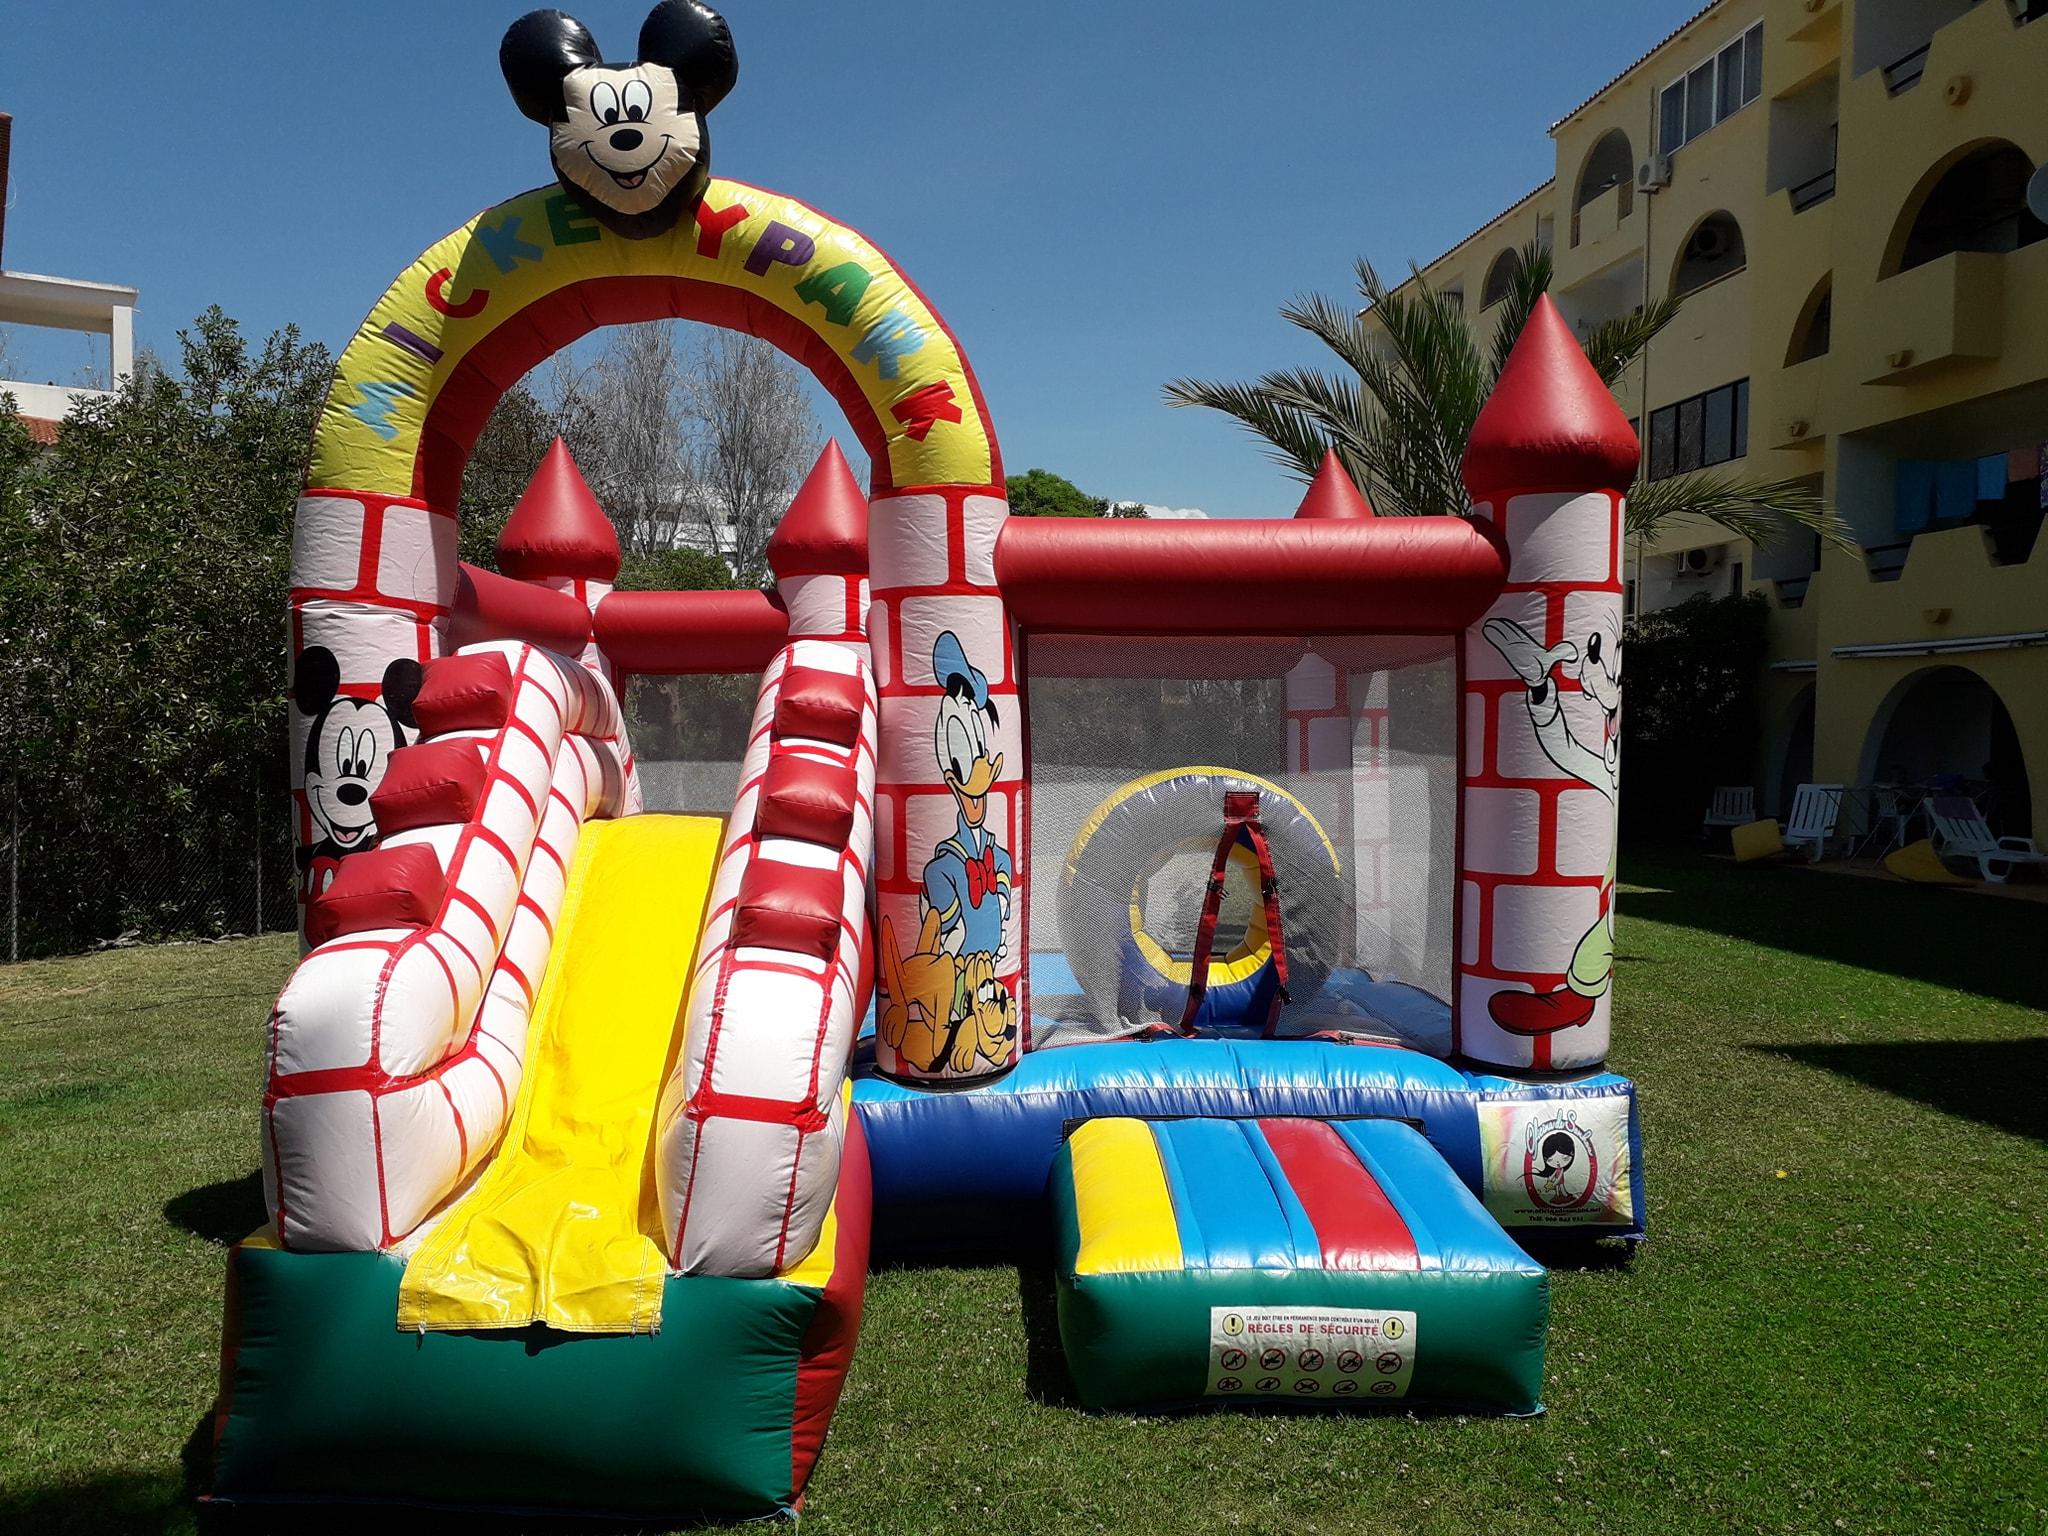 Insuflável Mickey Park | Aluguer de Insufláveis Oficina de Sonhos Algarve